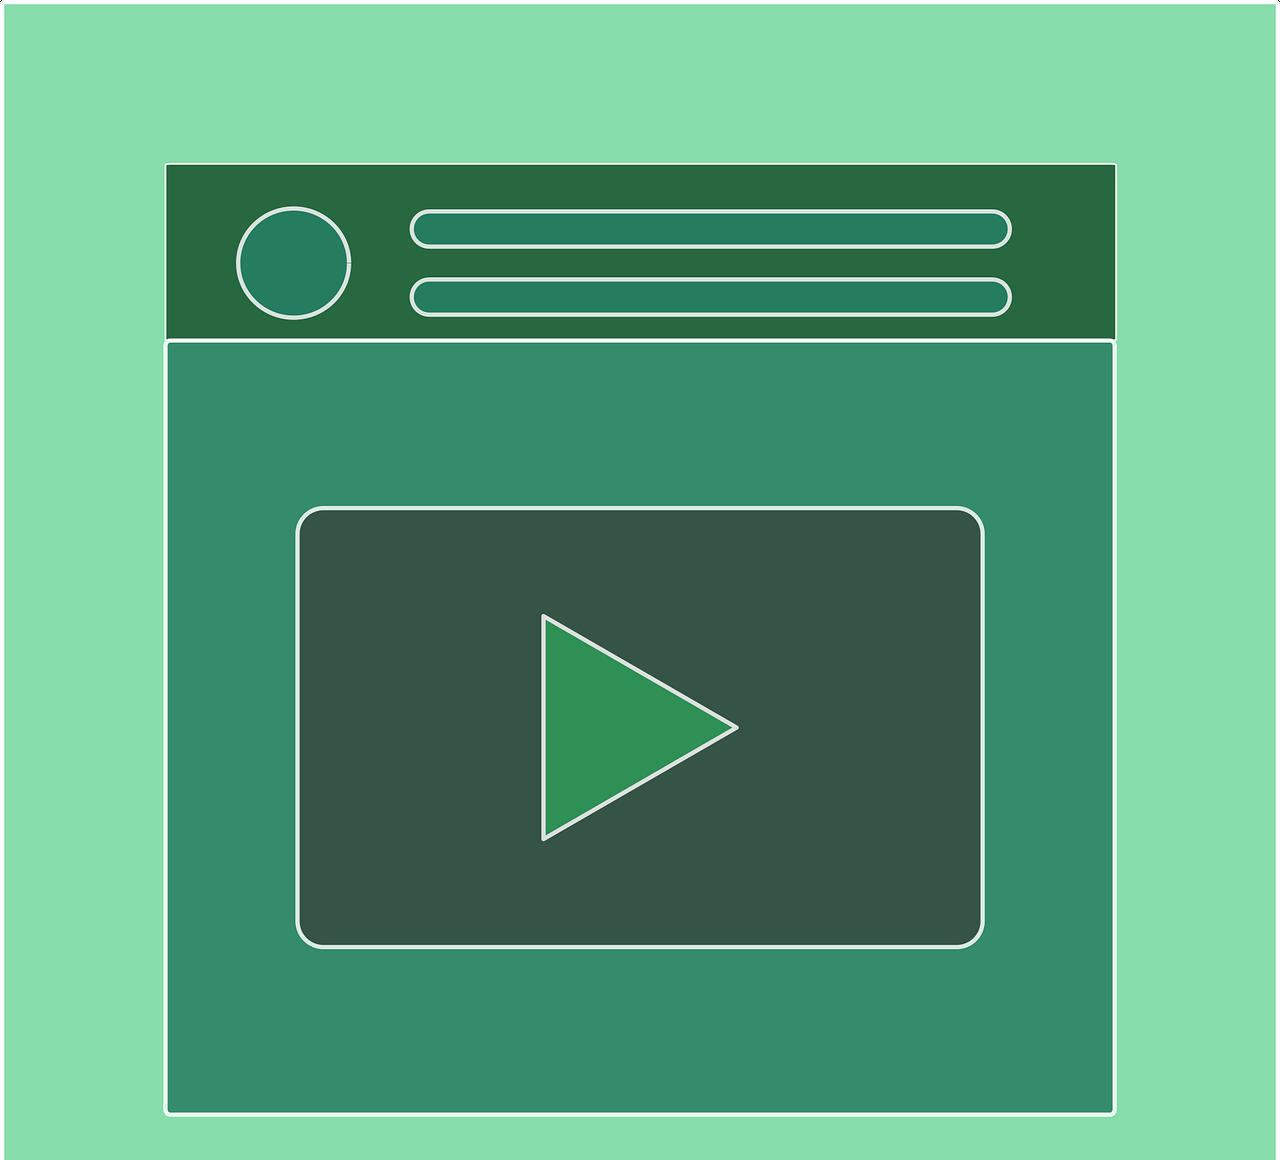 Arte mostrando a tela de um dispositivo móvel com o ícone de um player de vídeo.